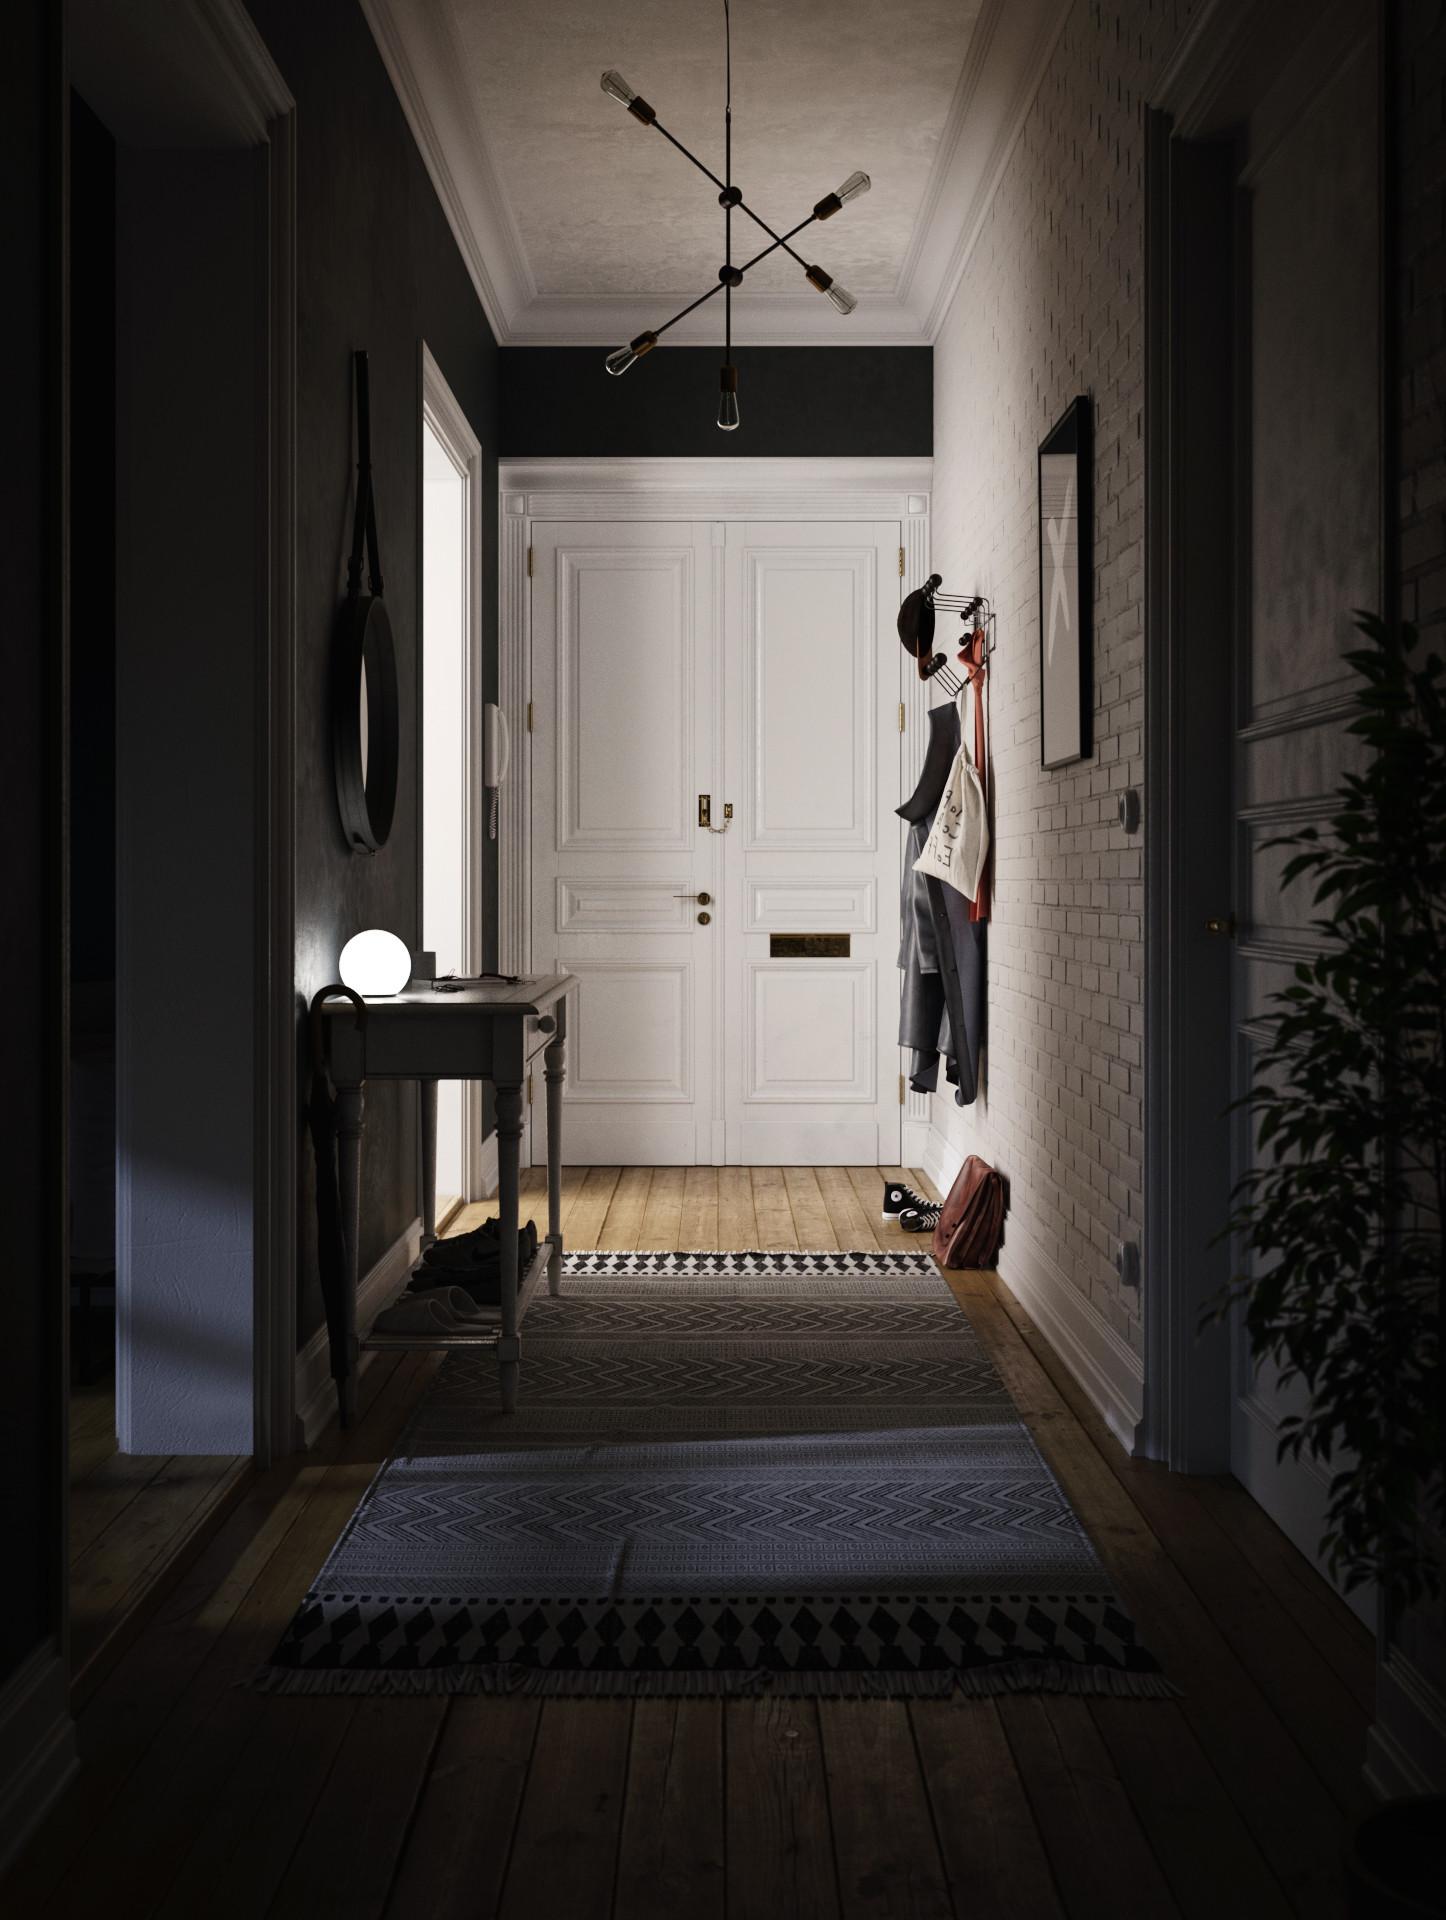 Alex langletz hallway interior 02